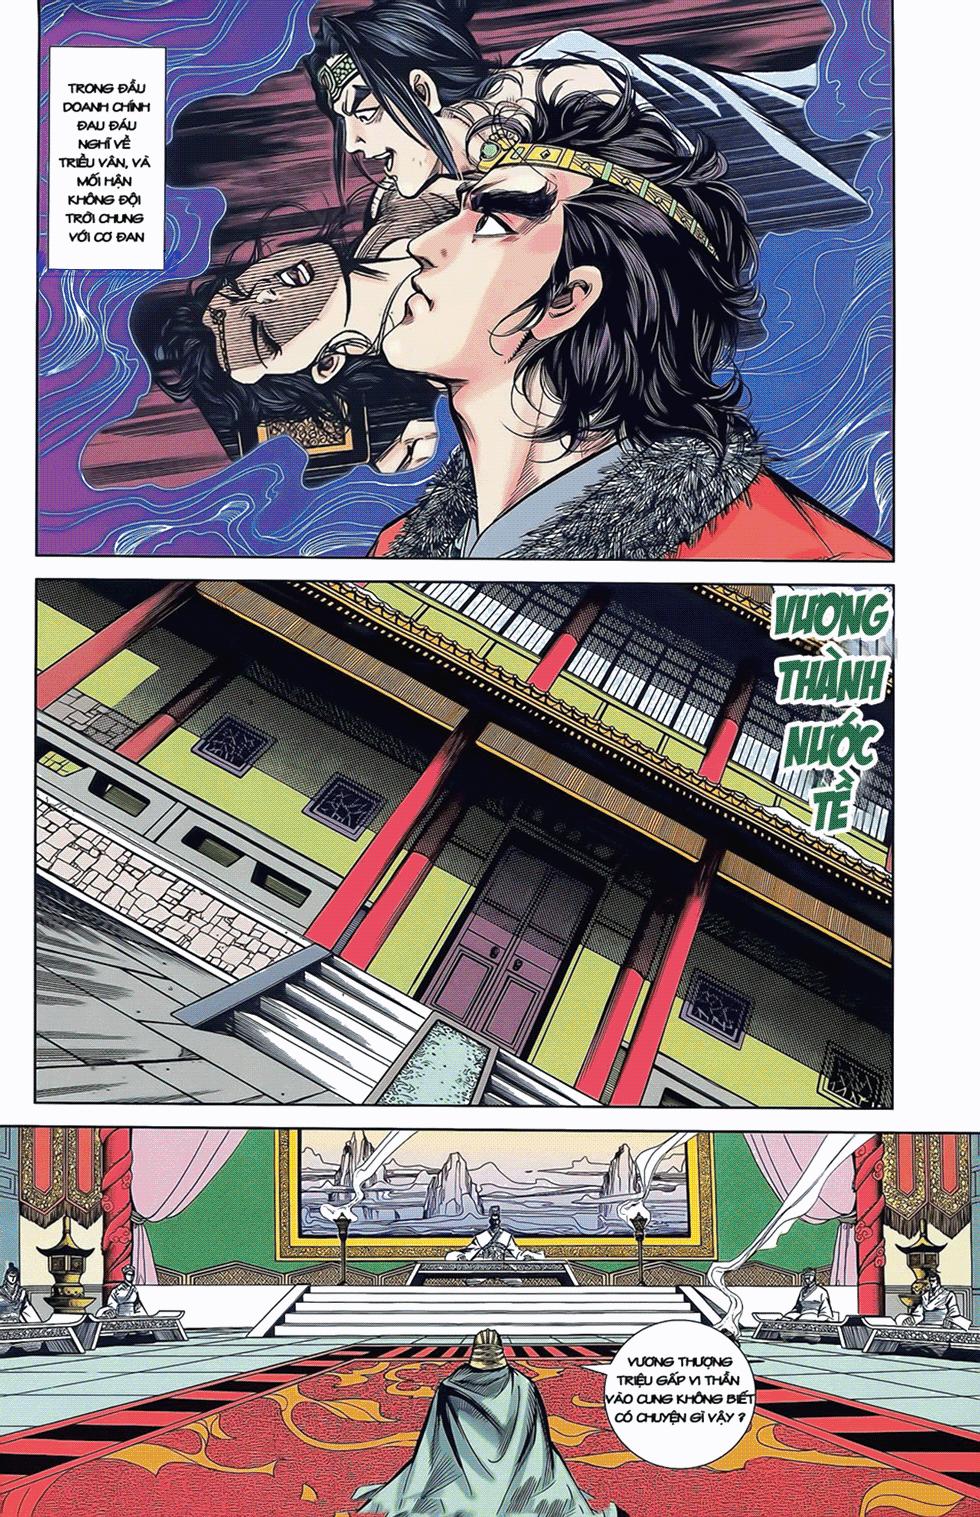 Tần Vương Doanh Chính chapter 8 trang 25